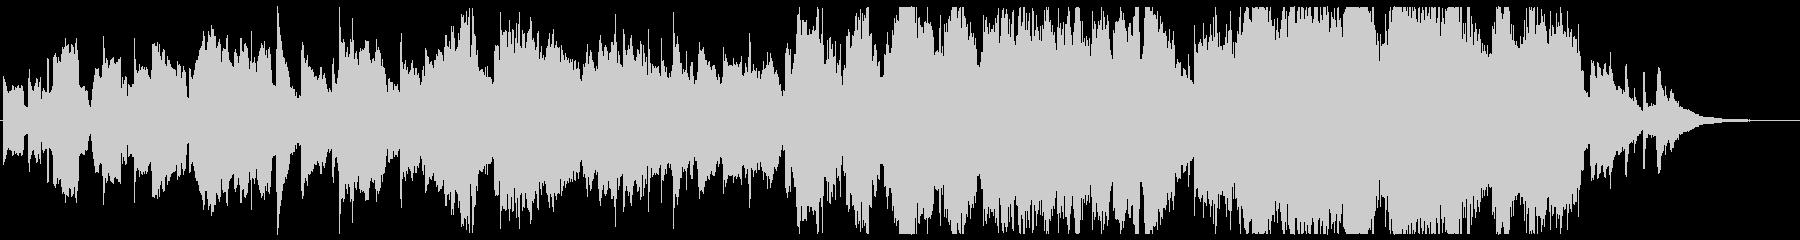 ノスタルジックで感動的な木管トランペットの未再生の波形